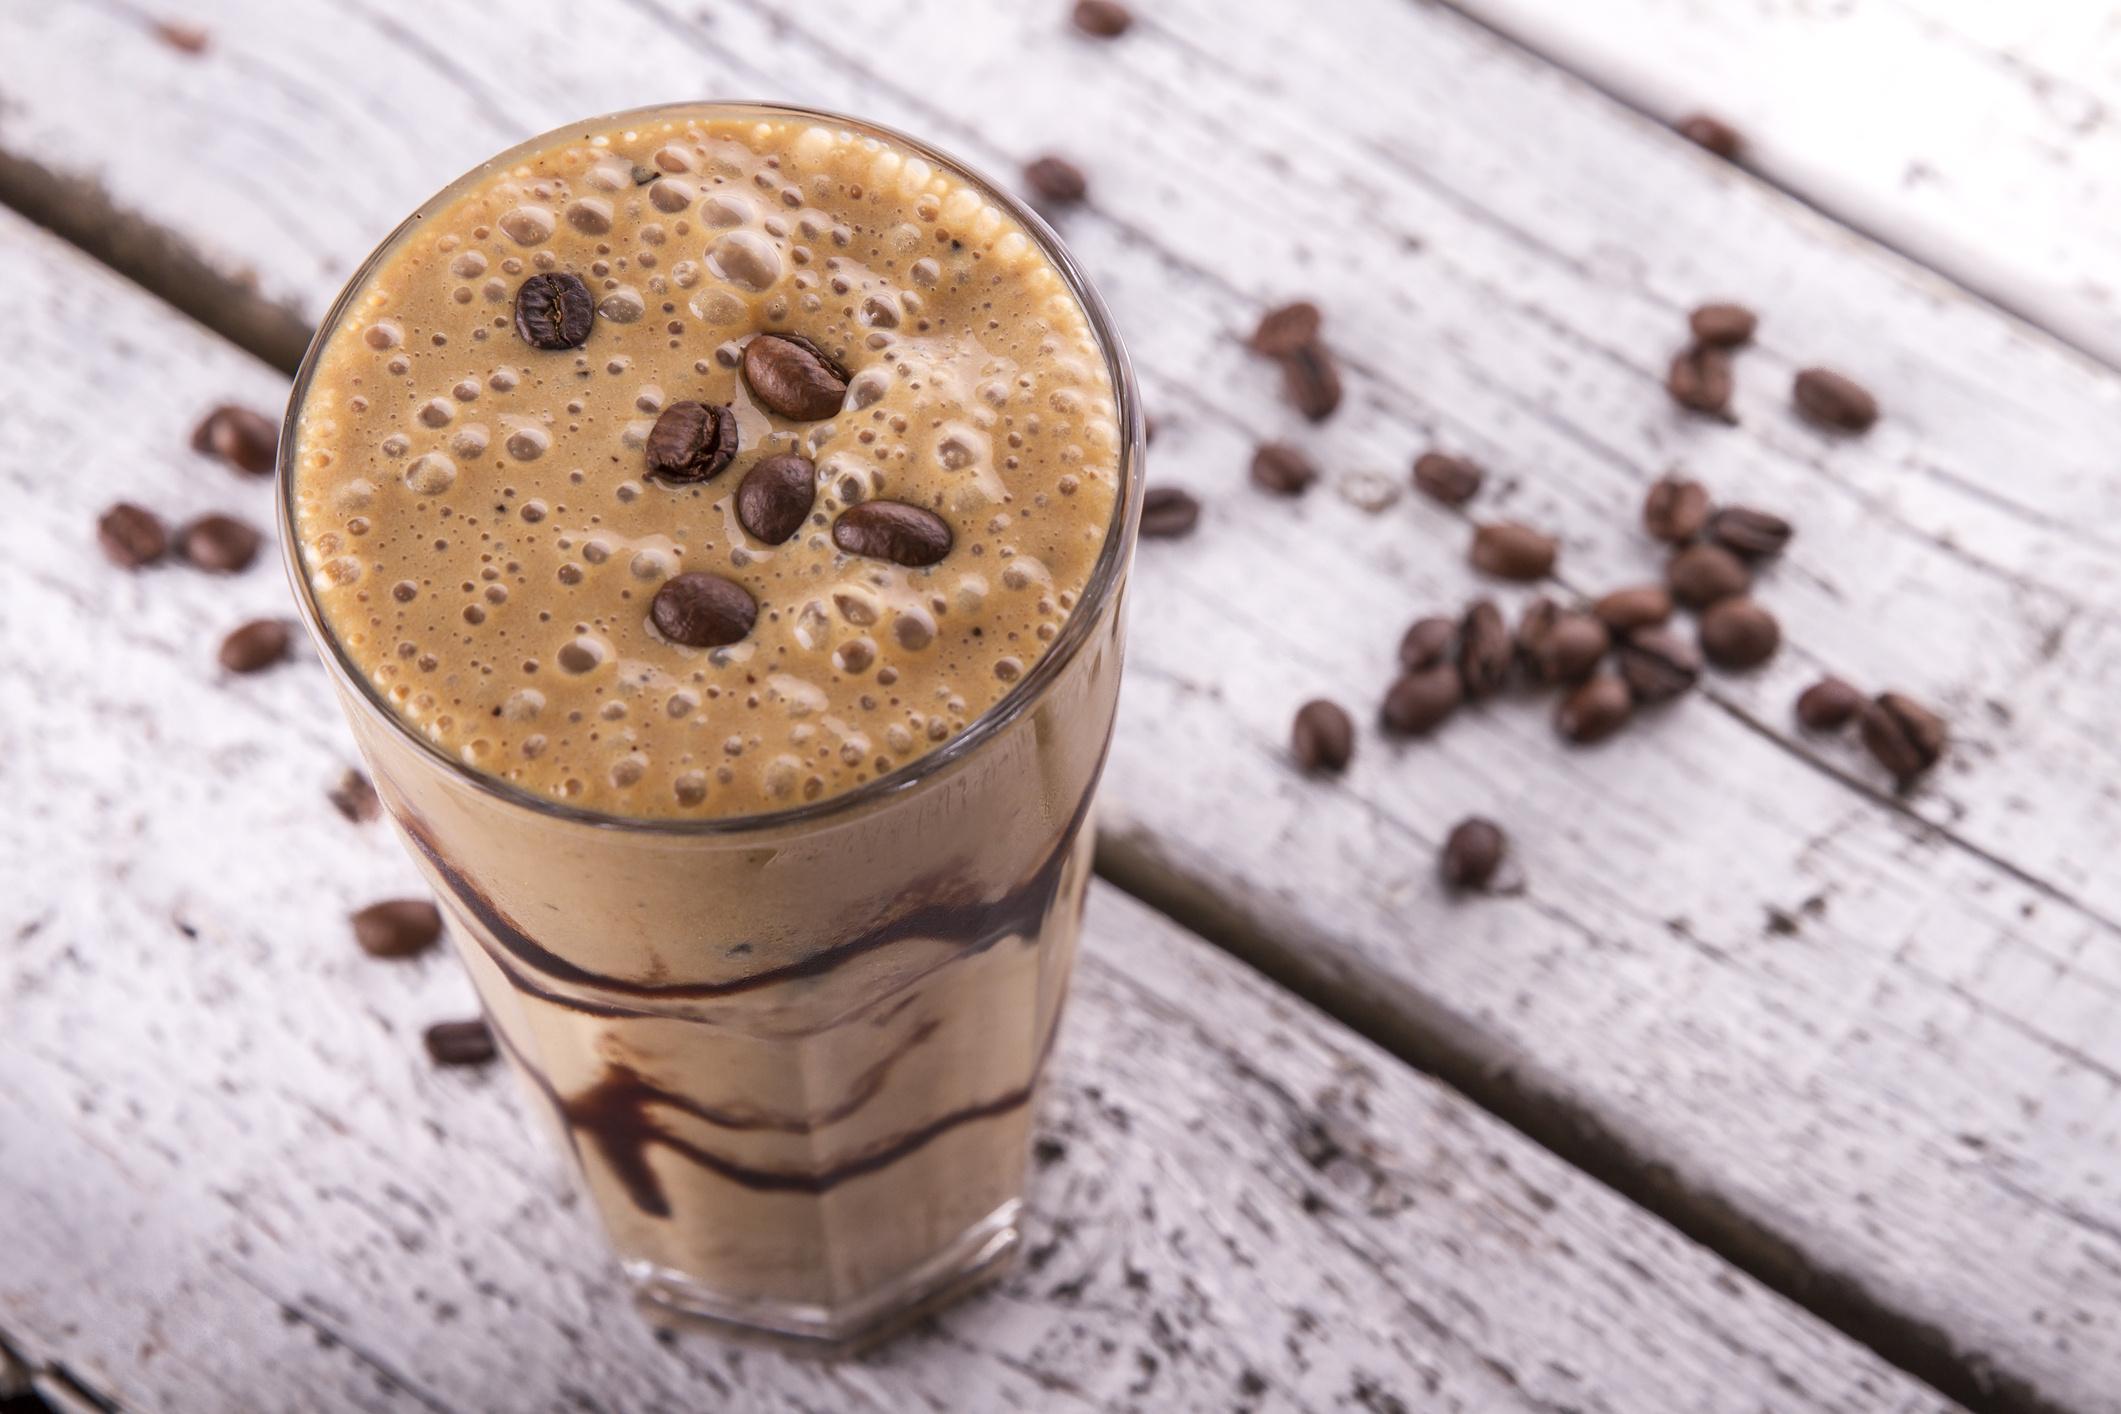 Vantage nemzetközi fogyókúra kávé)